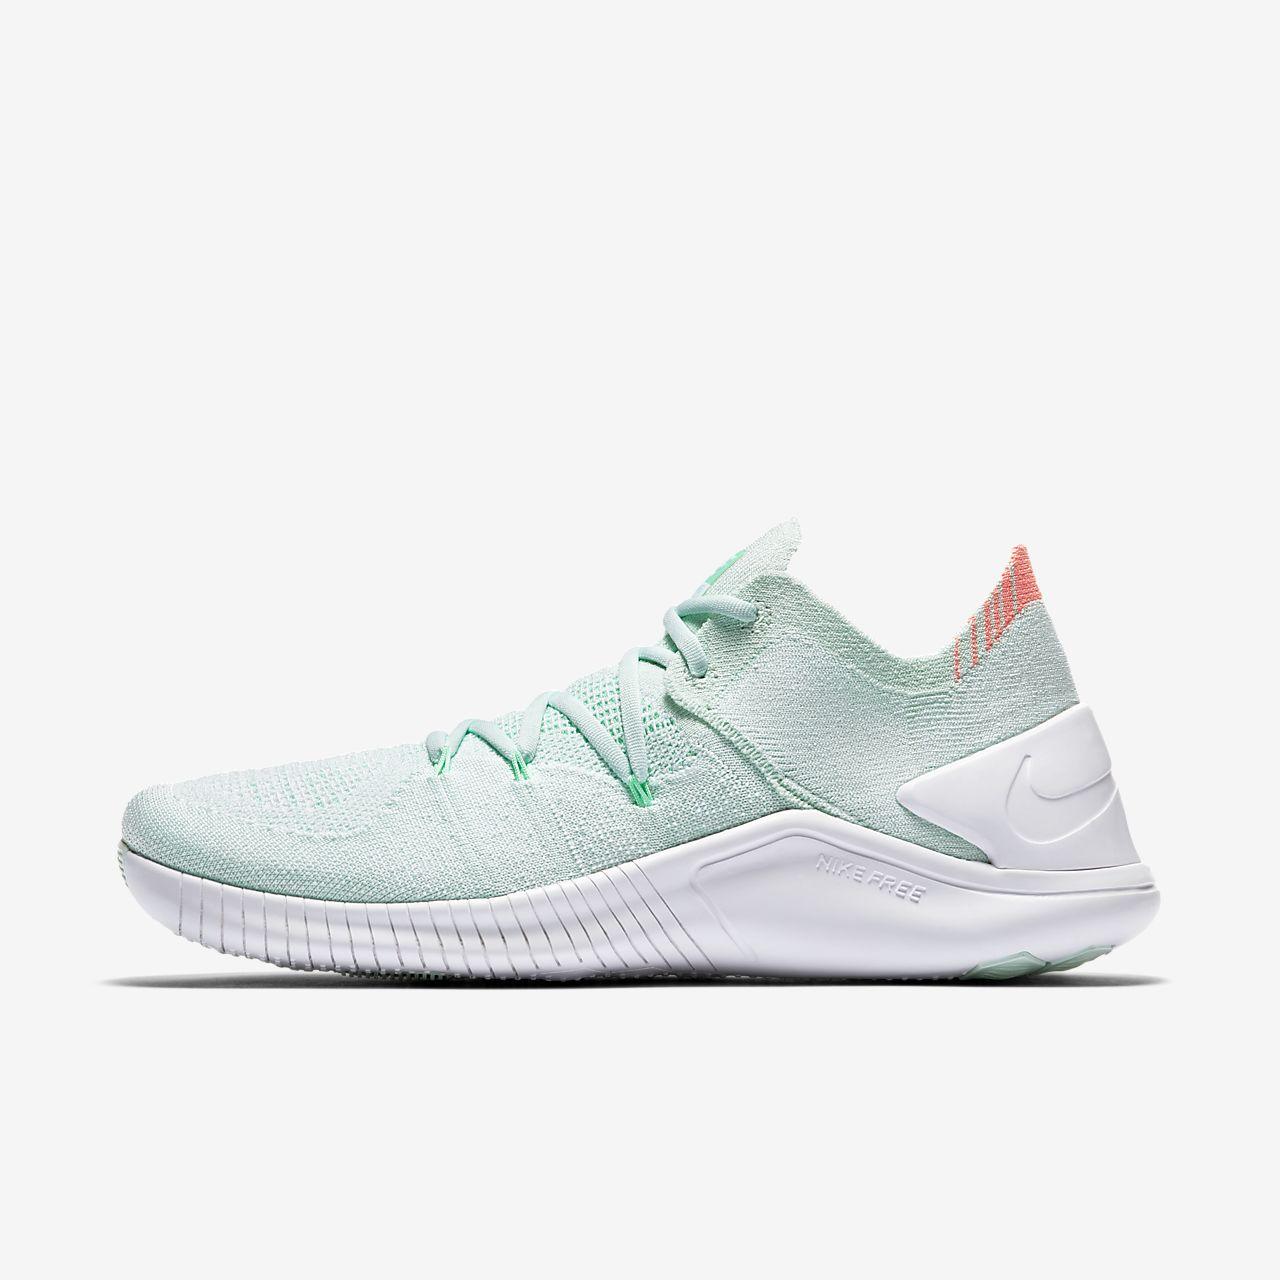 Nike Free TR Flyknit 3 Damen-Trainingsschuh - Grün Xgdq0